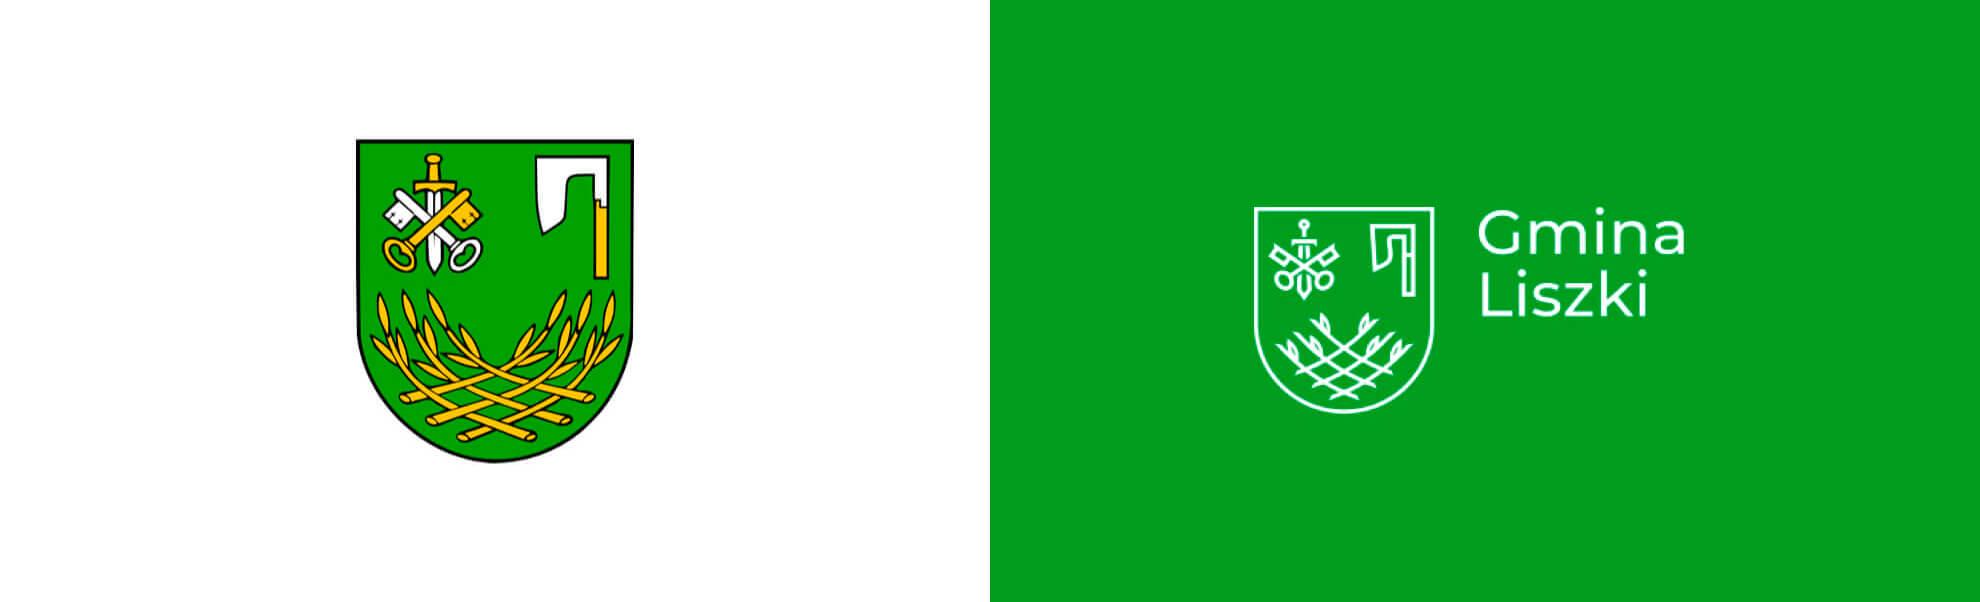 gmina liszki ma nowe logo